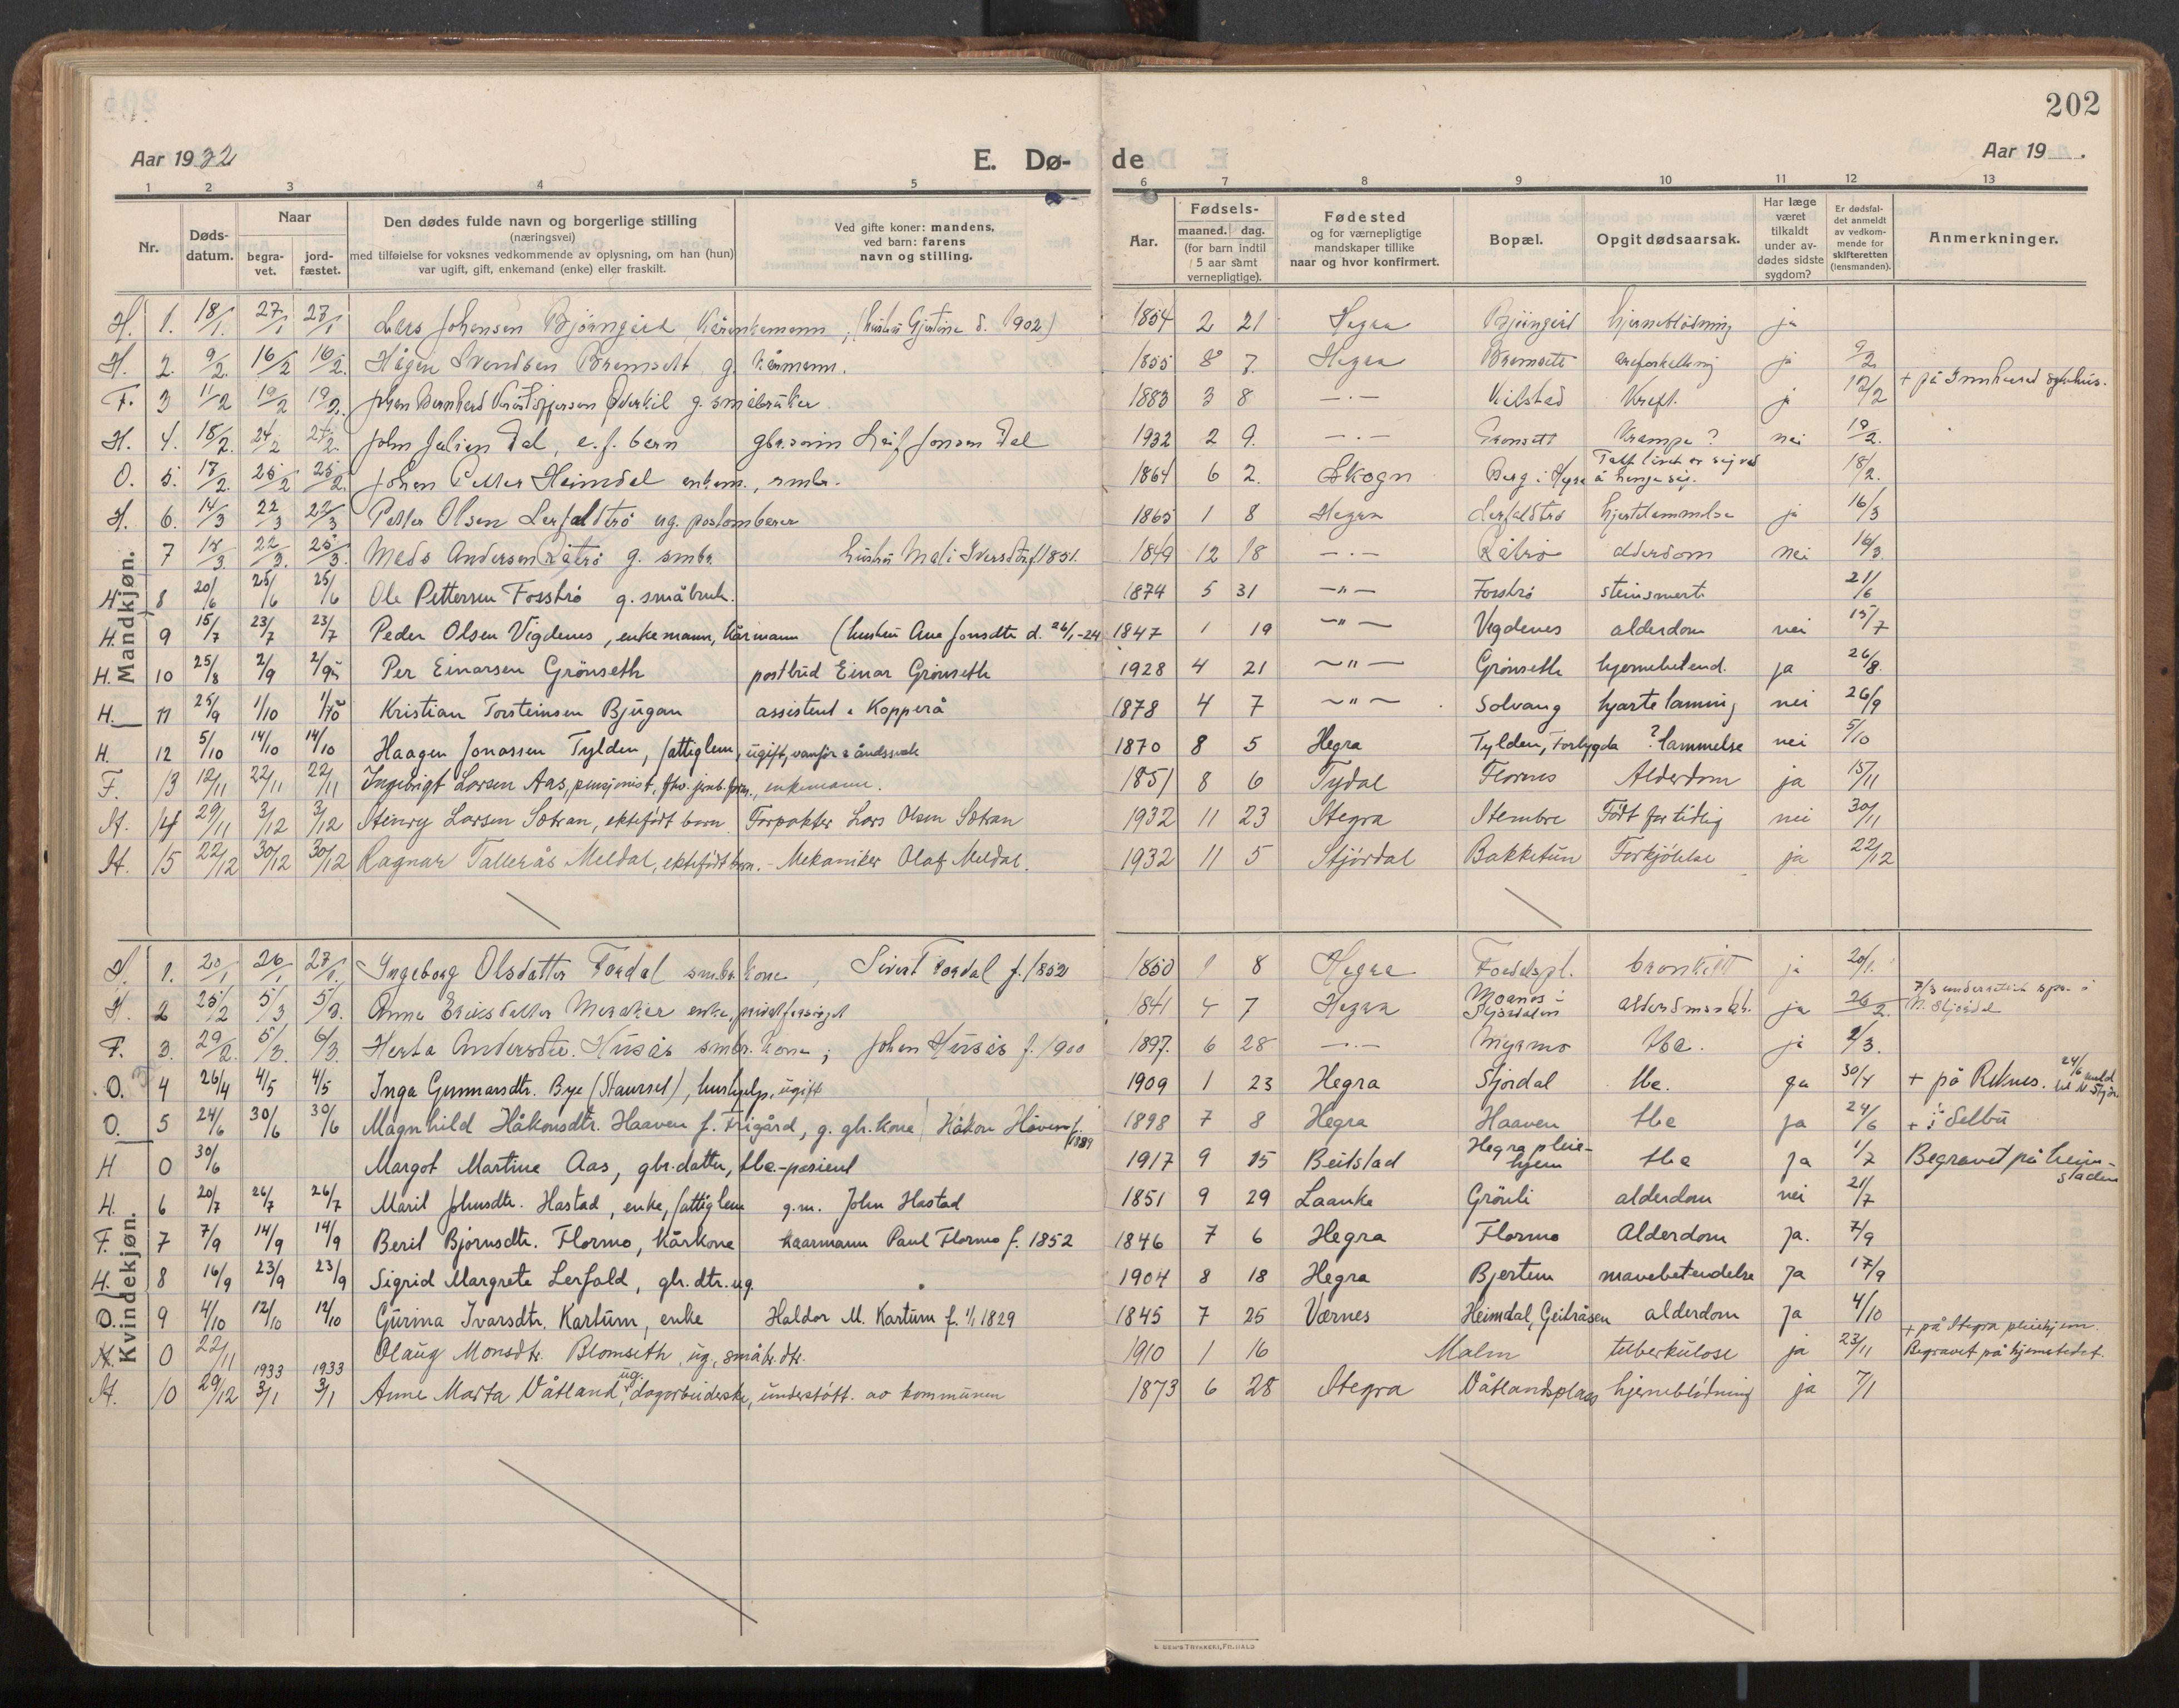 SAT, Ministerialprotokoller, klokkerbøker og fødselsregistre - Nord-Trøndelag, 703/L0037: Parish register (official) no. 703A10, 1915-1932, p. 202